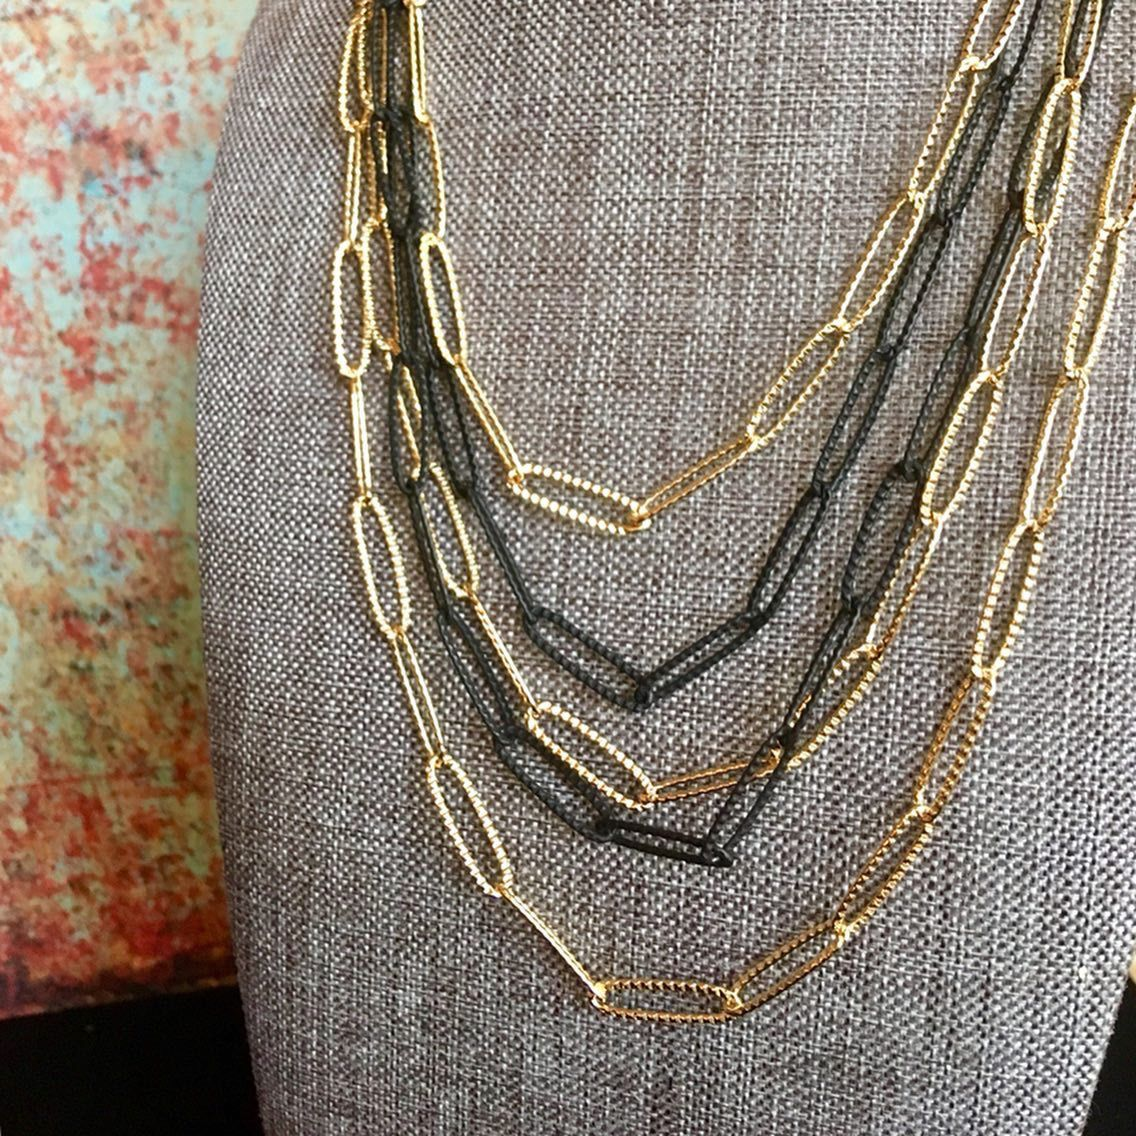 Pin On 2020 Jewelry By Sara Blaine